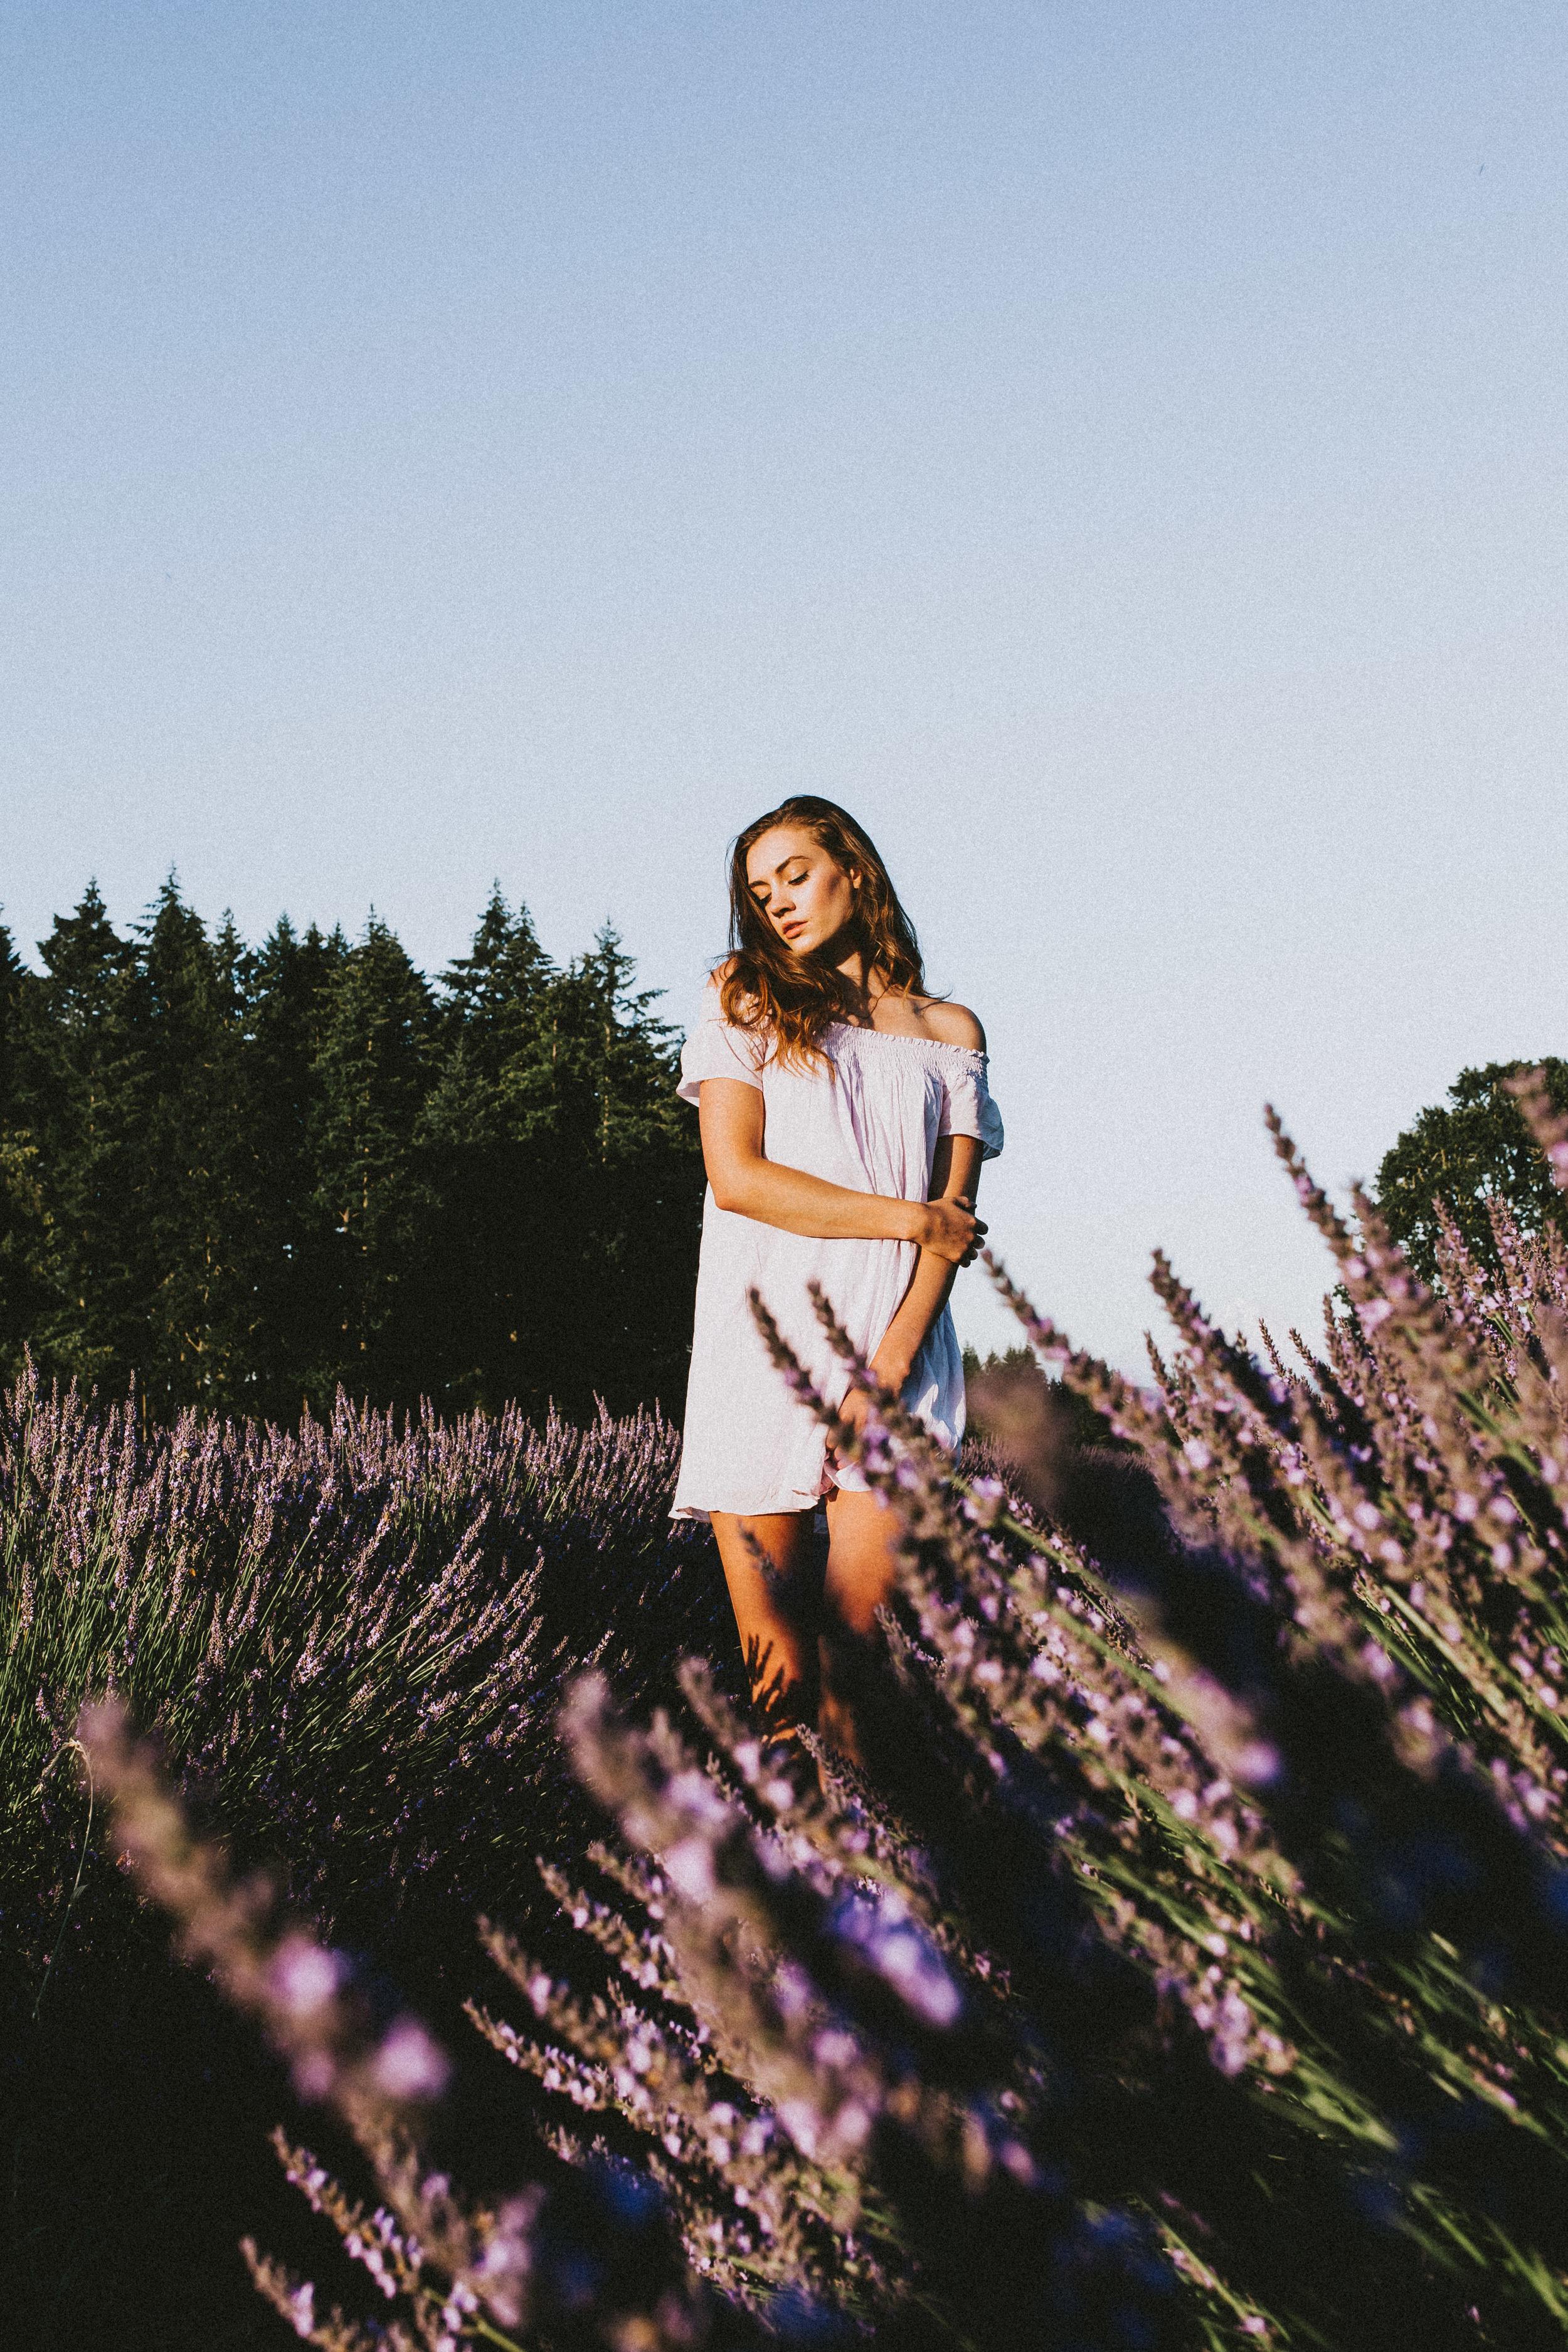 samlandreth-lavender-8.jpg